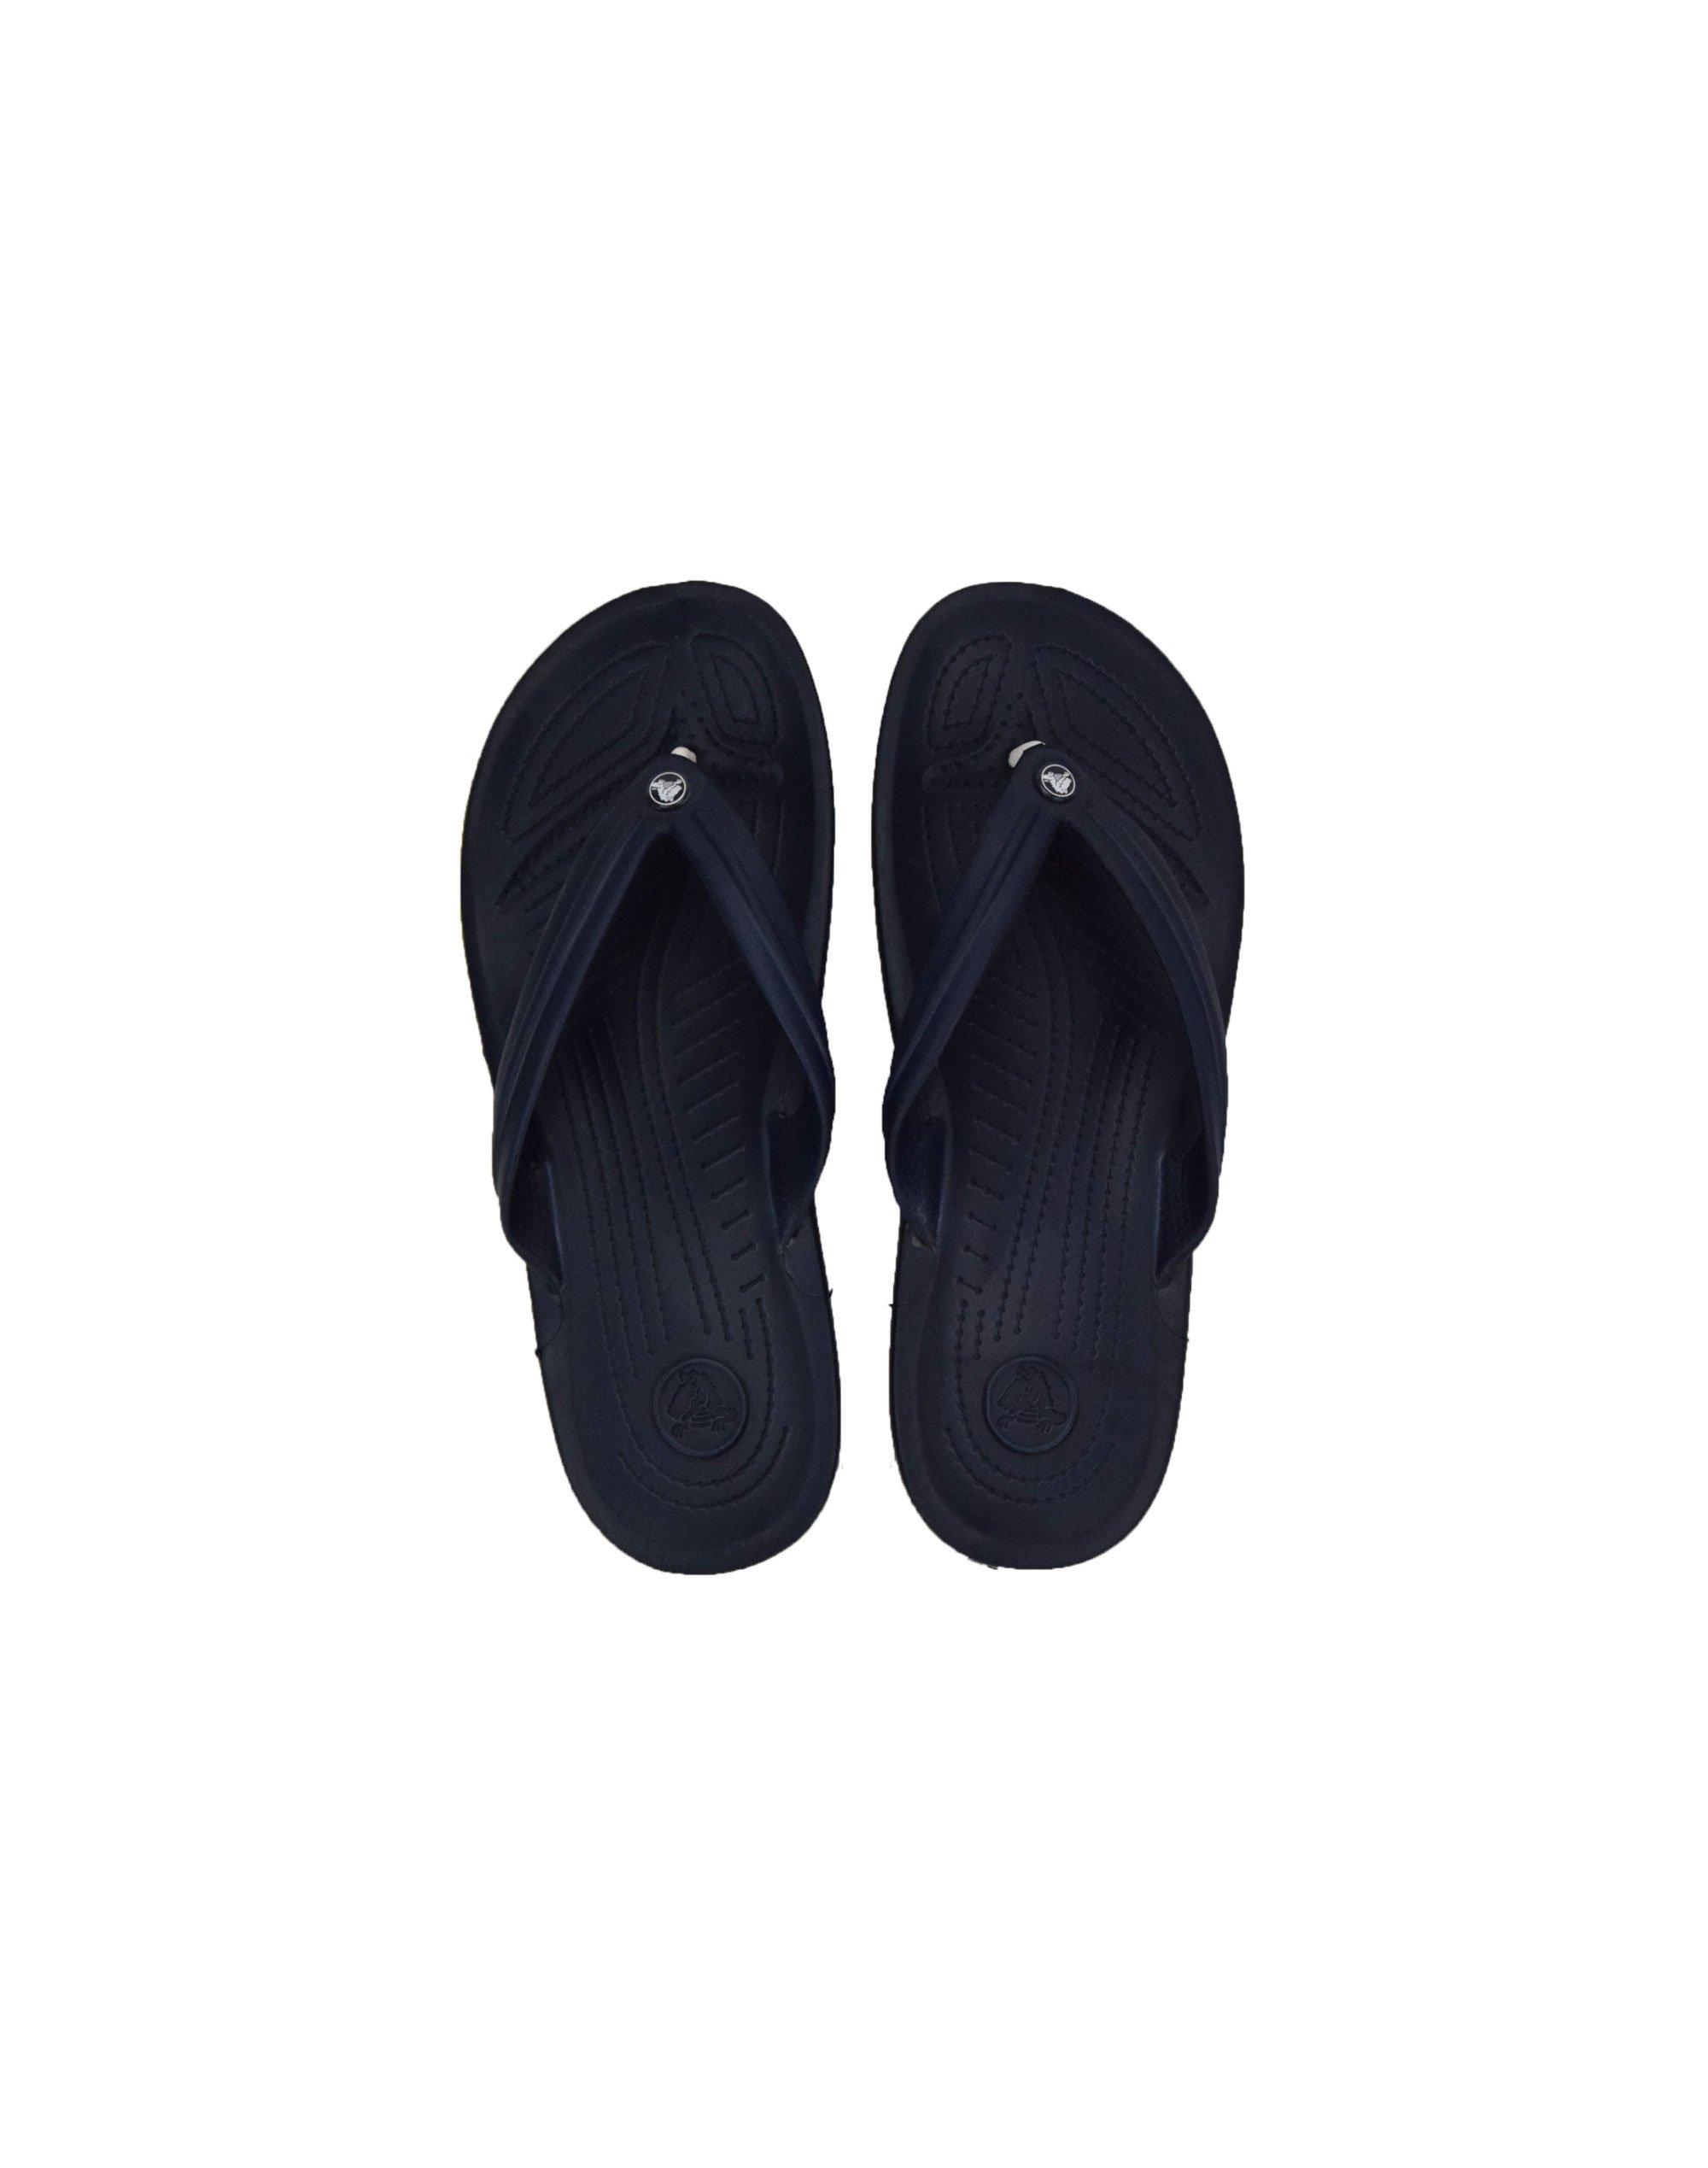 Crocs Crocband Flip (11033-410) Navy